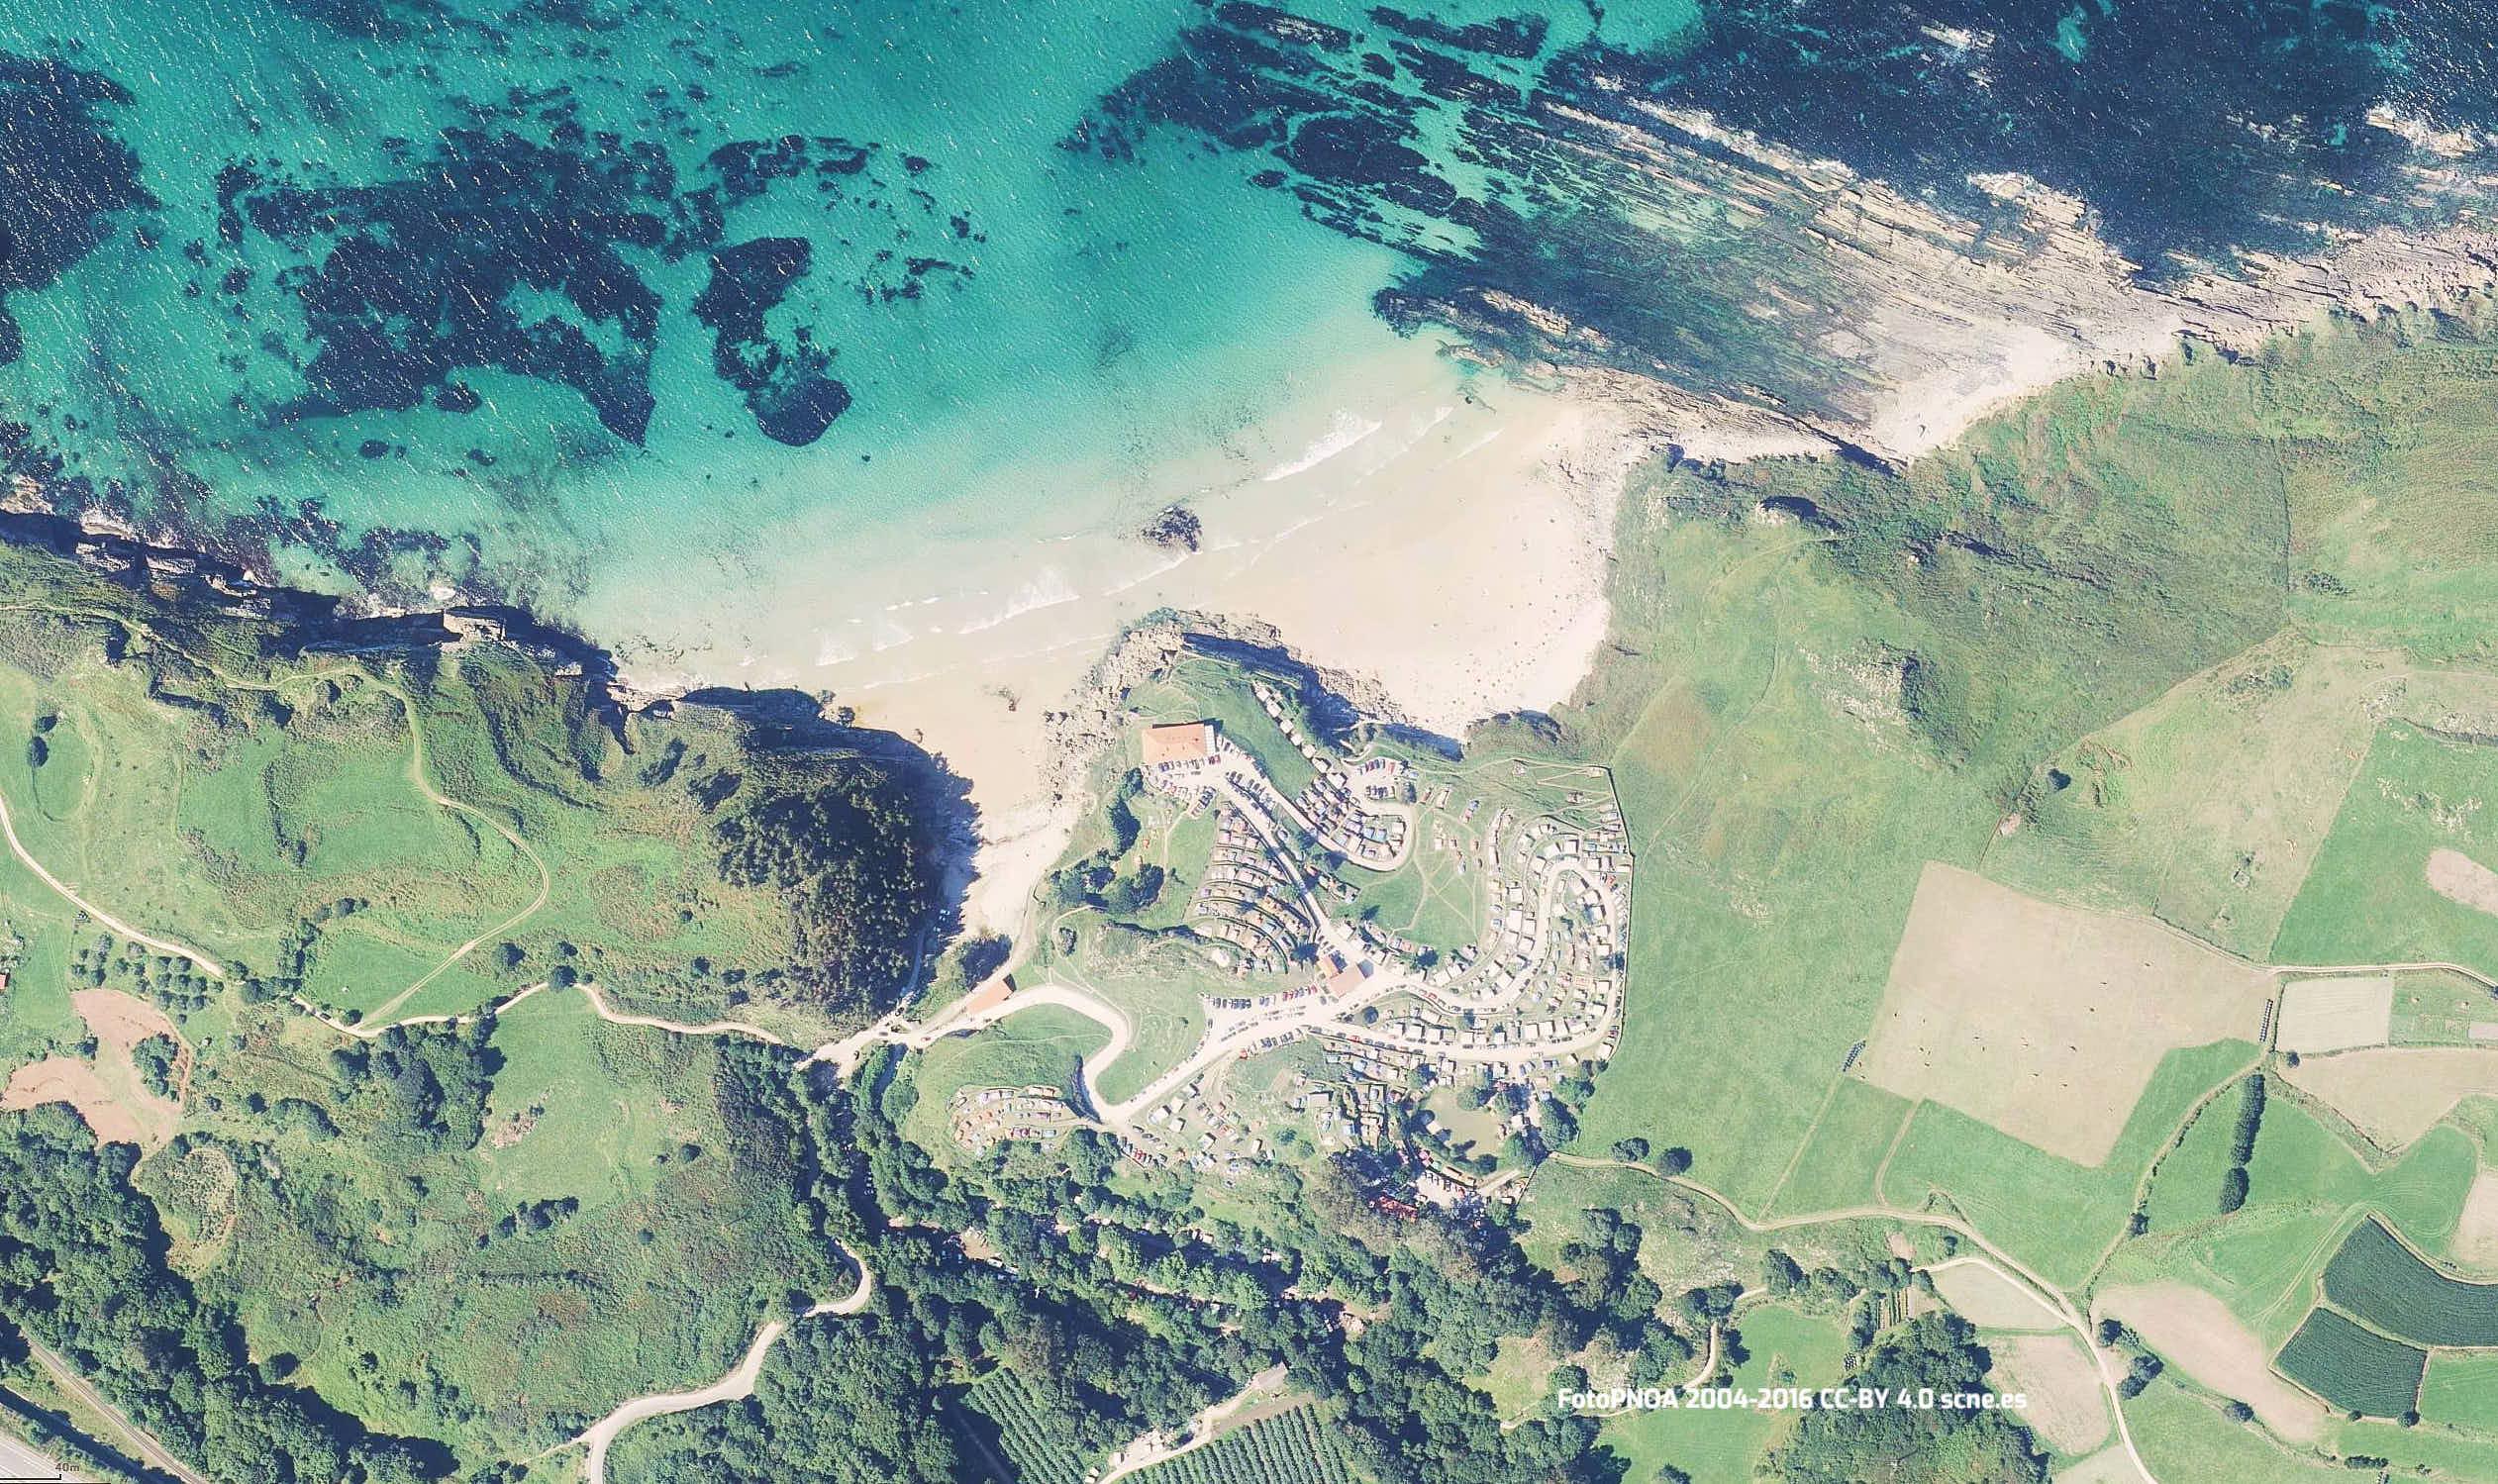 Vista aerea de la playa de Vidiago en Llanes, Asturias